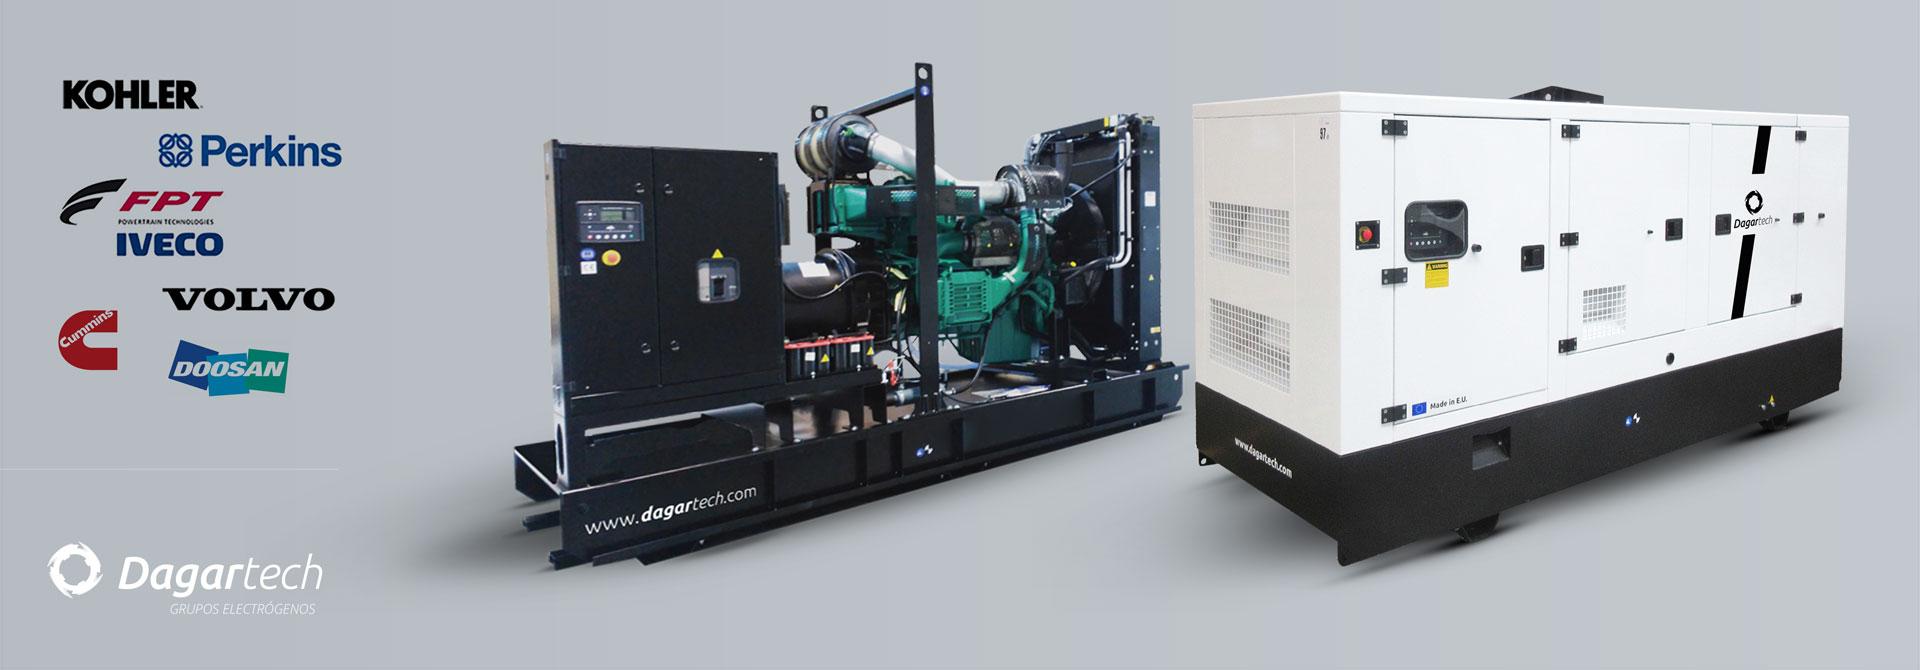 Grupos electrógenos de la Gama Industrial con motor Kohler, Perkins, Iveco, Cummins, Doosan o Volvo refrigerados por agua de Dagartech